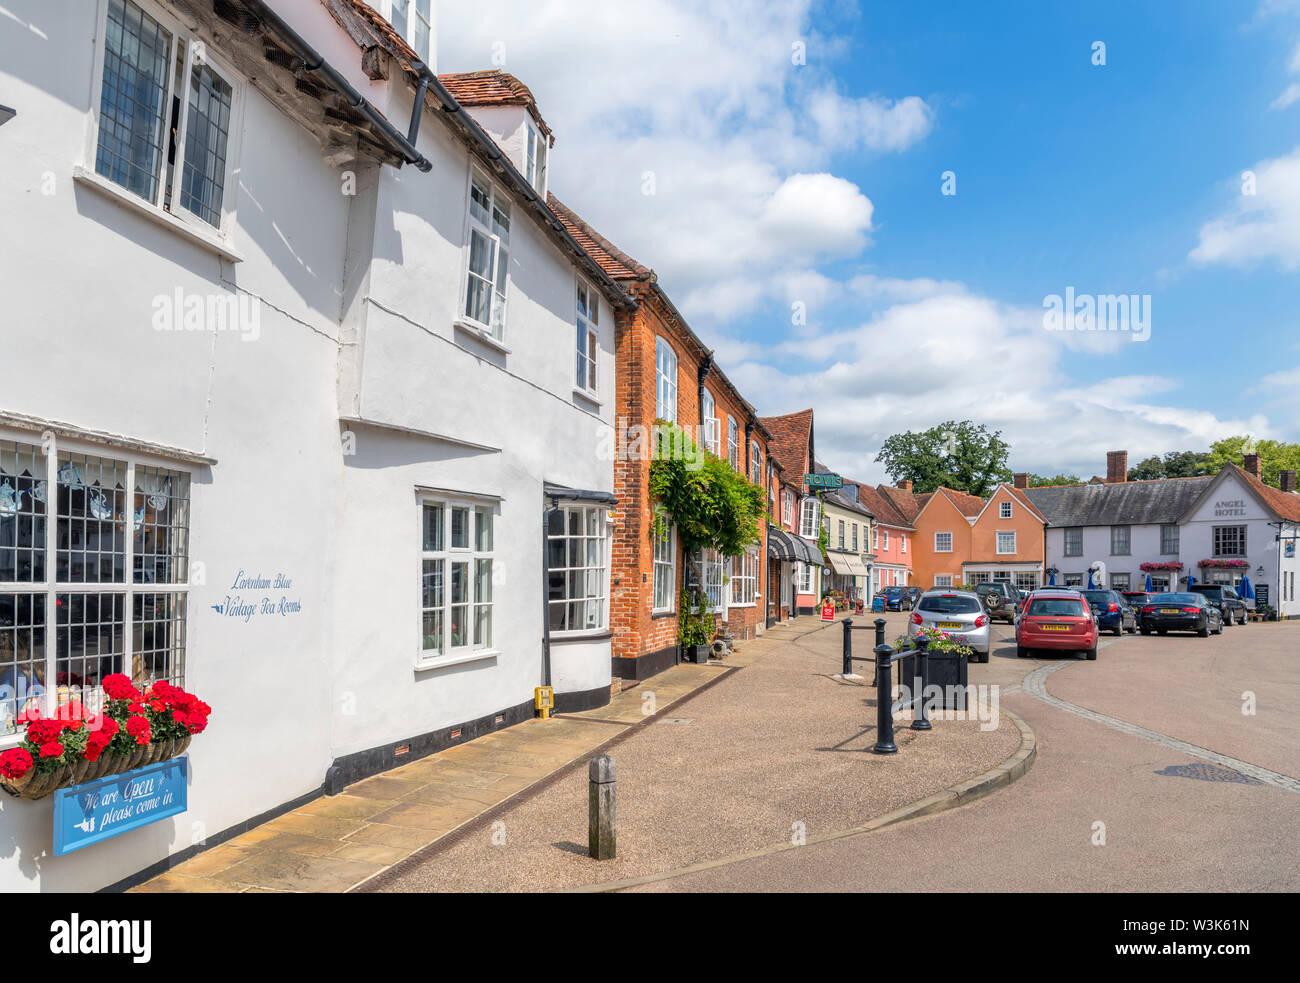 The Market Place, Lavenham, Suffolk, England, UK - Stock Image